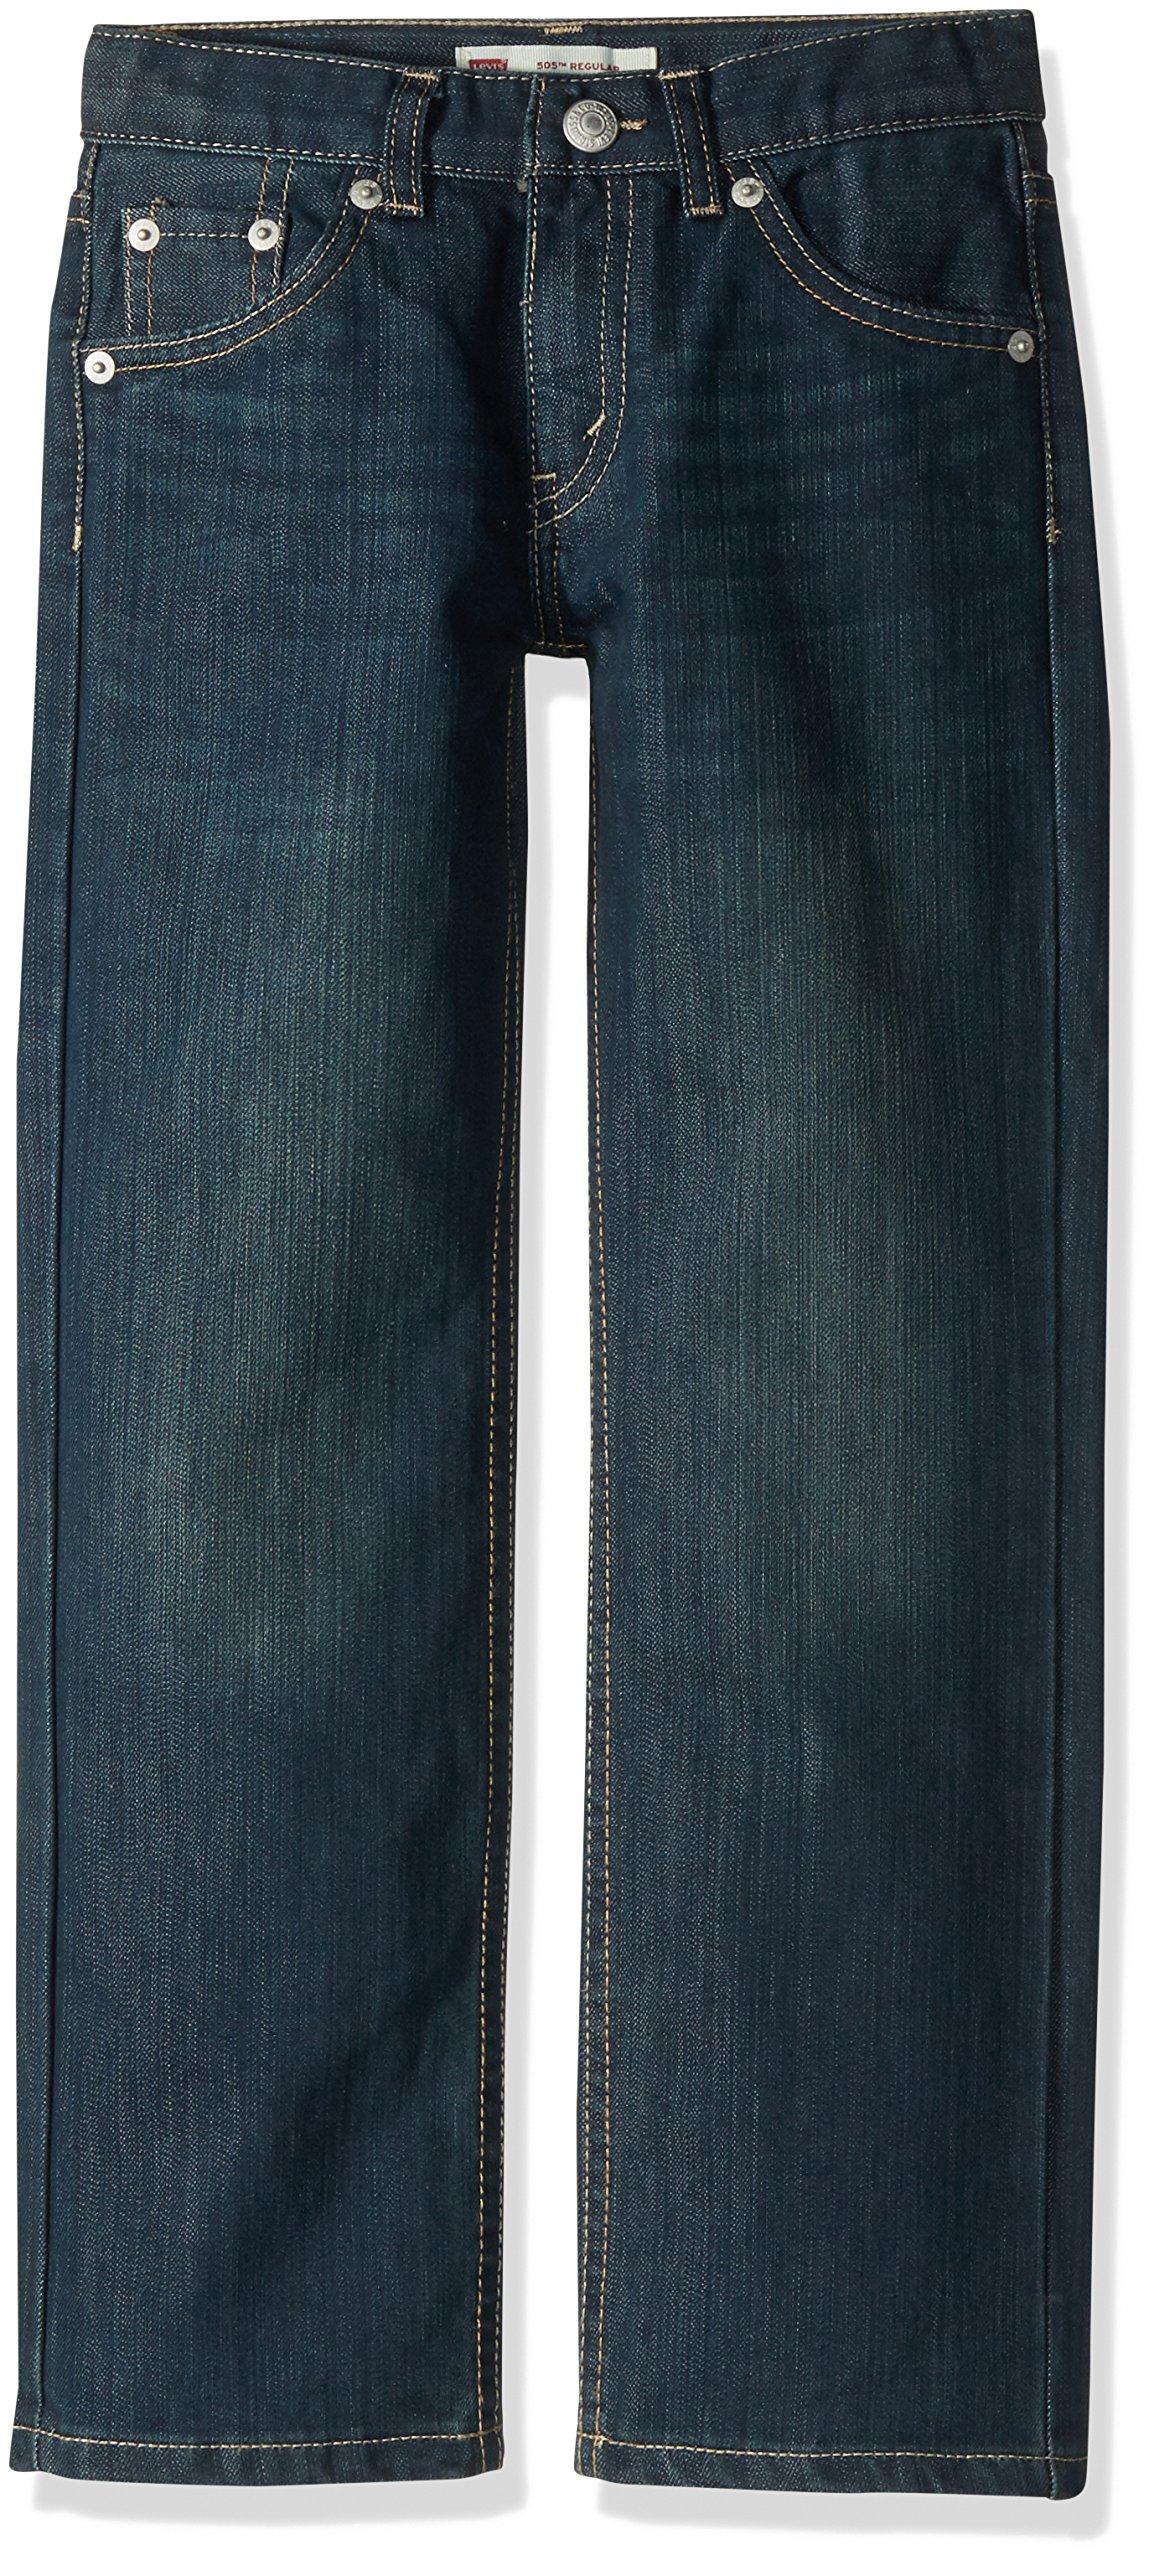 Levi's Boys' 505 Regular Fit Jeans, Cash, 8